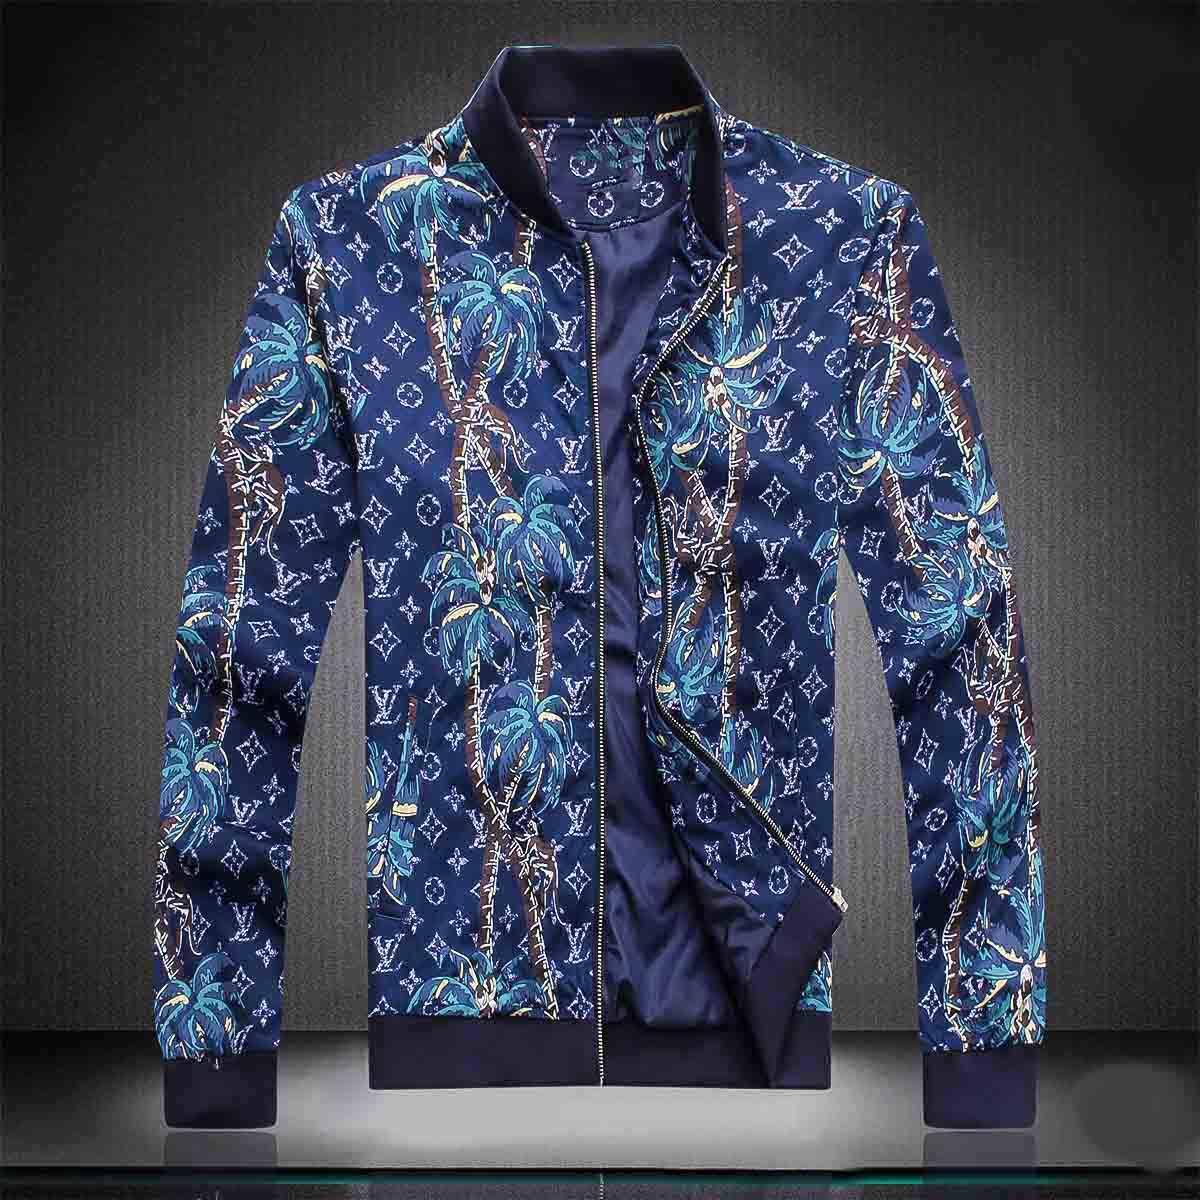 Survêtements Sweats costumes sport de luxe de F20Men Costume homme Pulls Vestes Manteau Hommes Medusa Vêtements de sport Survêtement Sweat-shirt ensembles veste